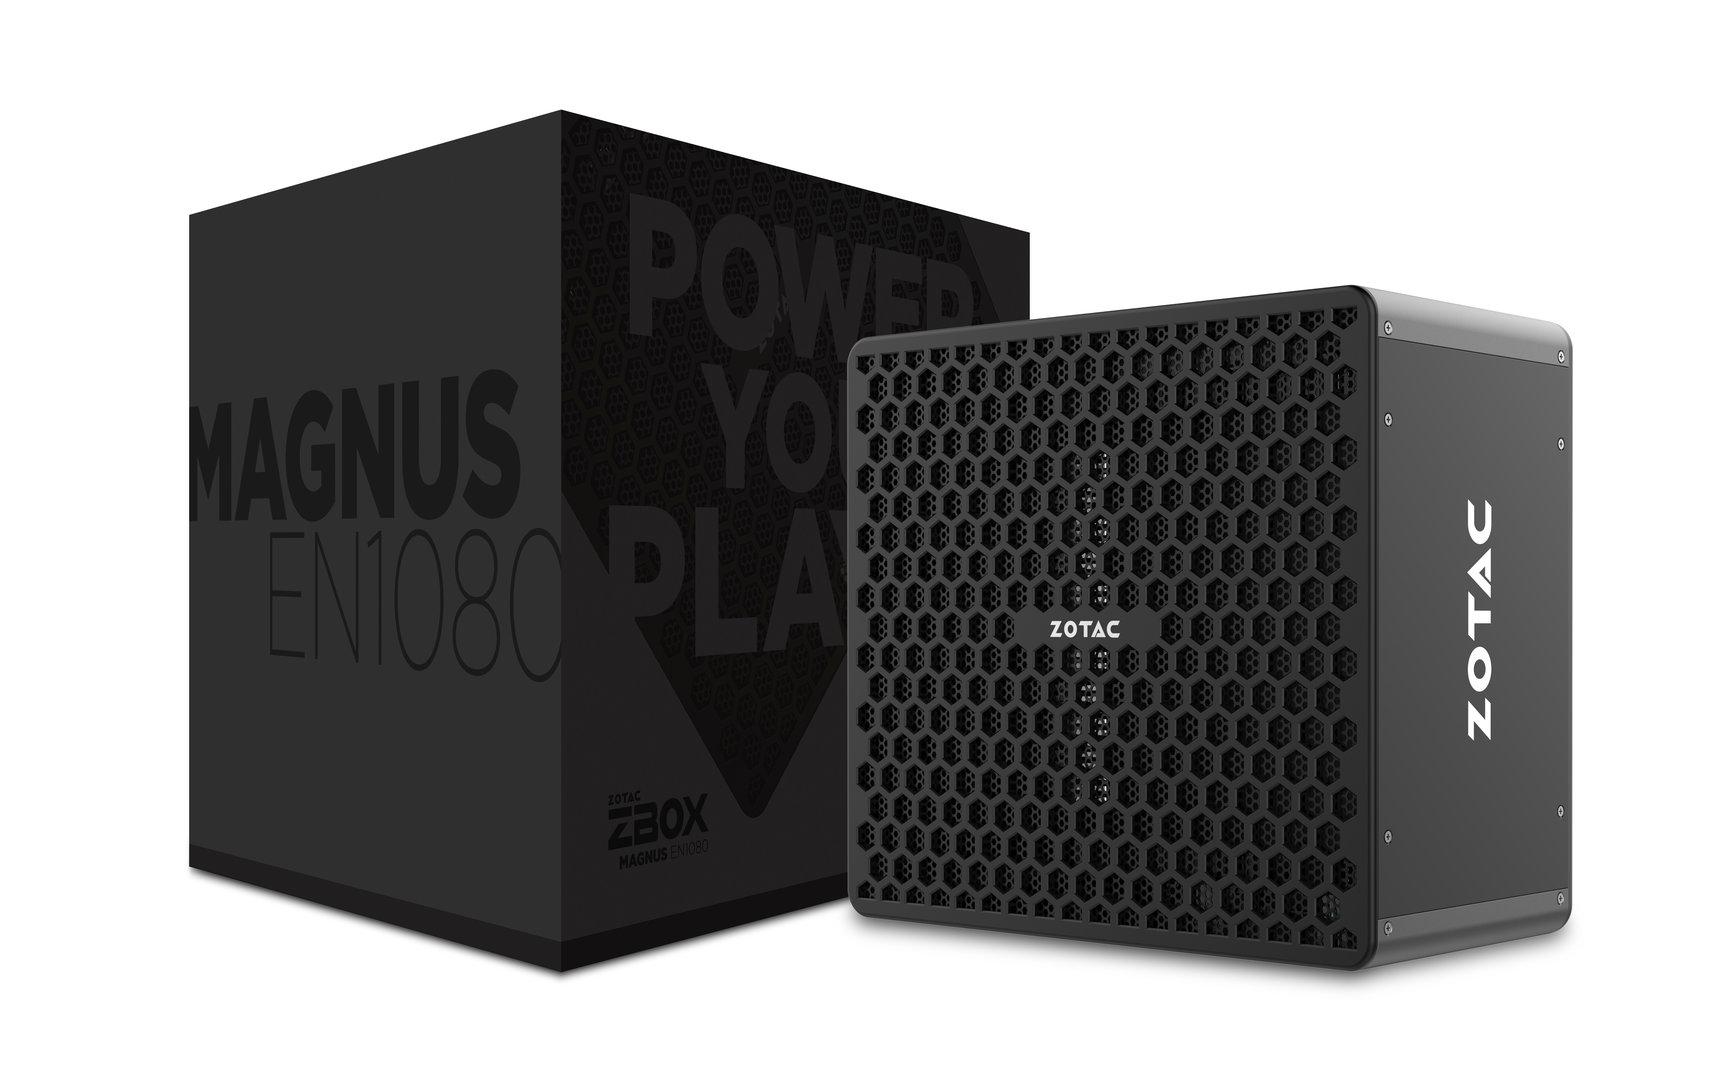 Zotac Zbox Magnus EN1080 Sonderedition